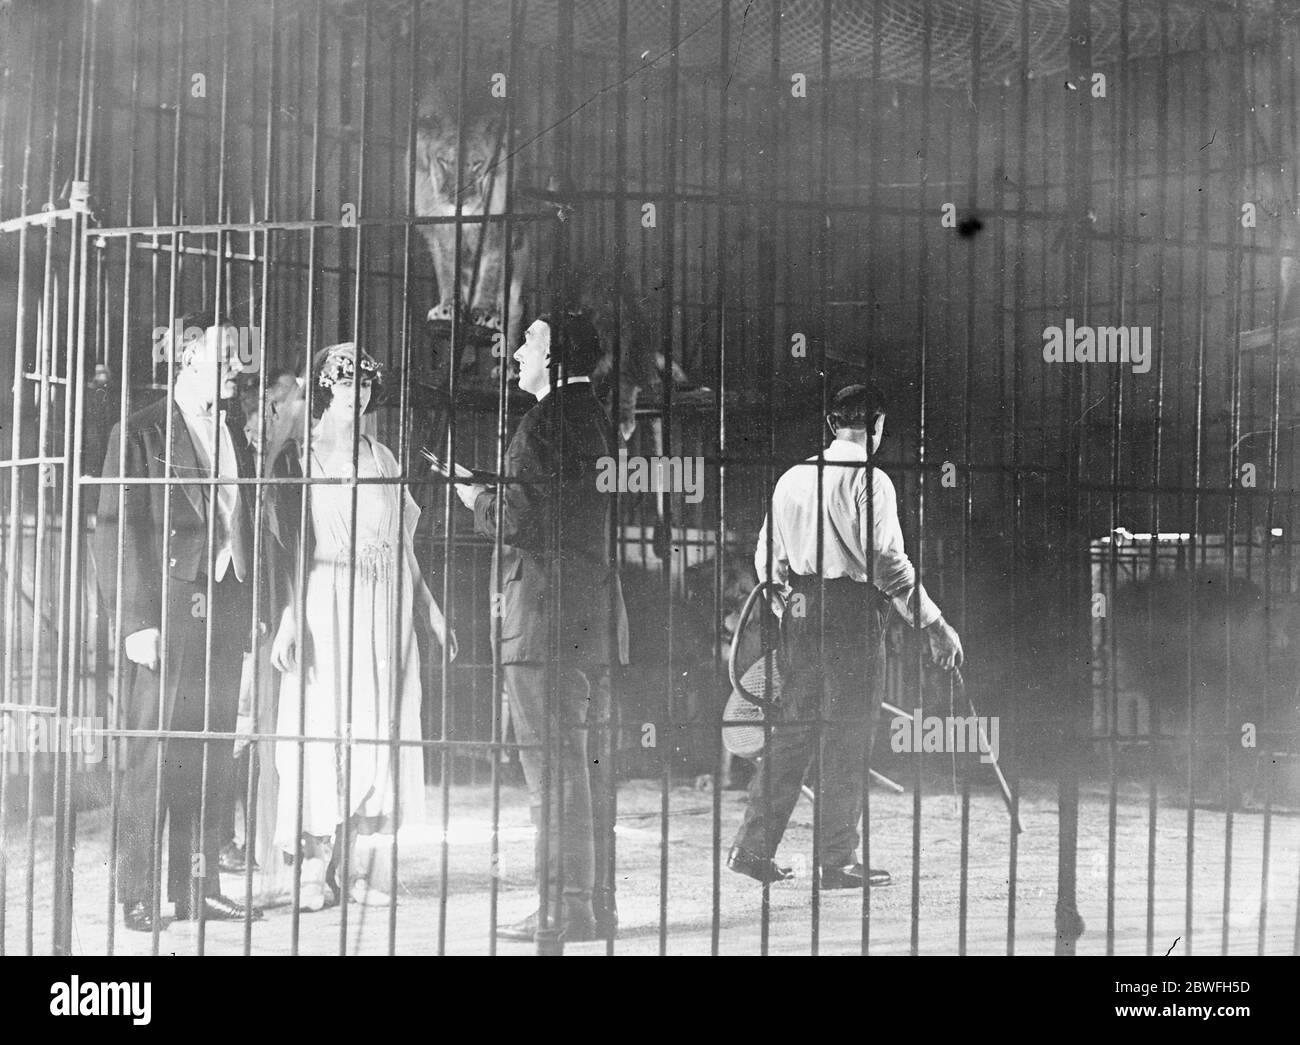 Marié entre les Lions cette photo que vient de recevoir New York montre Miss Mae Stoller et M. J Fowlkes se mariant dans une cage de lions le 28 août 1922 Banque D'Images